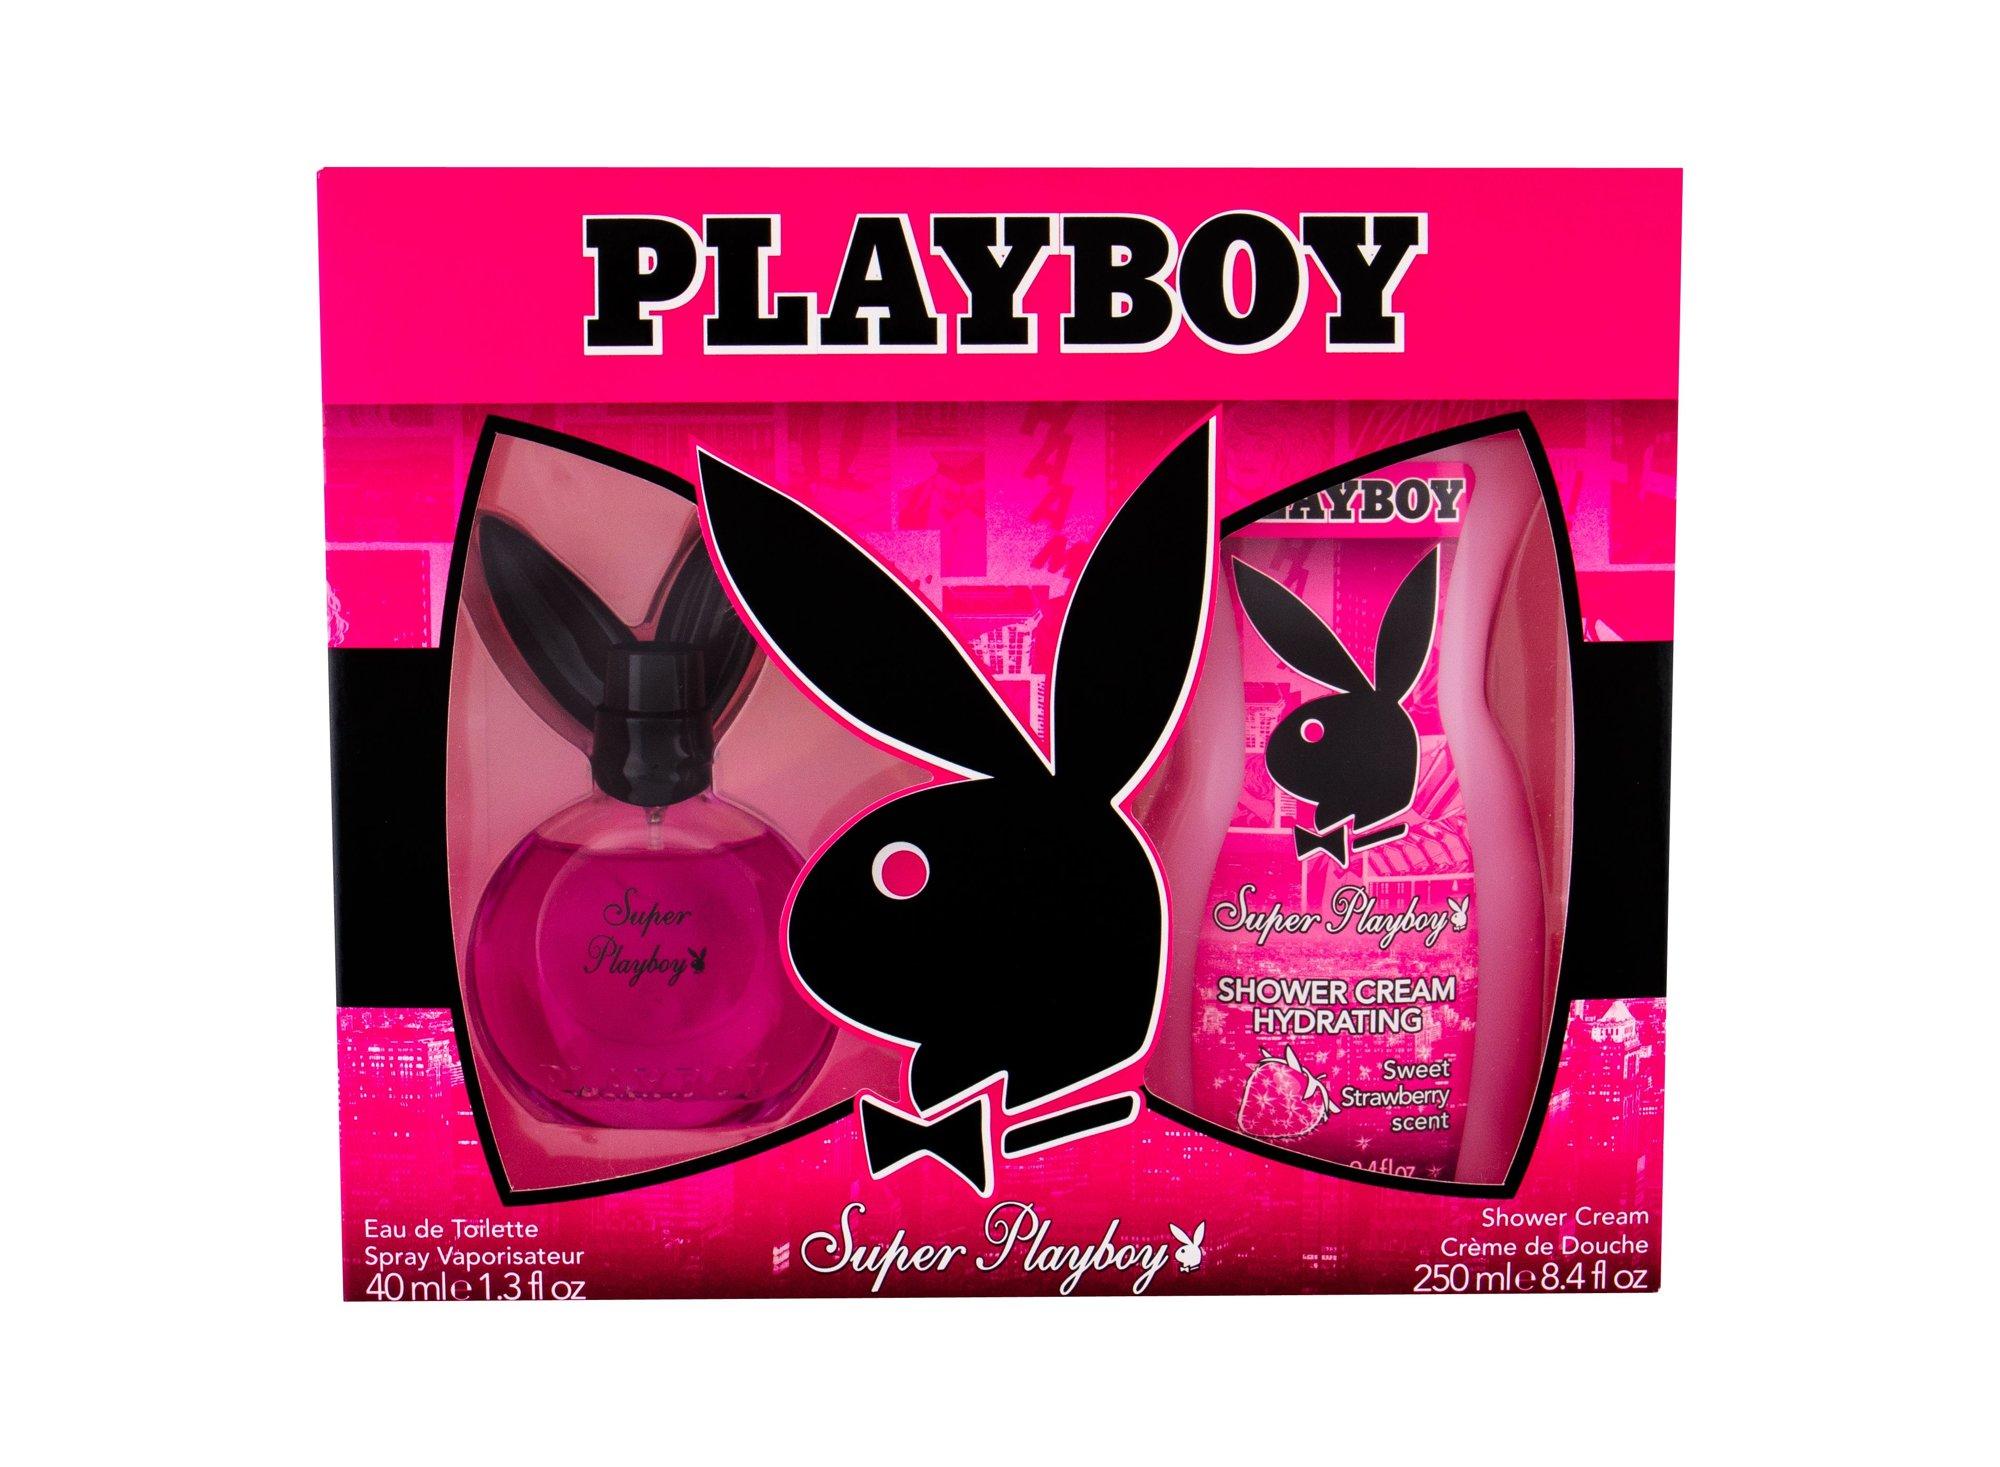 Playboy Super Playboy For Her Eau de Toilette 40ml